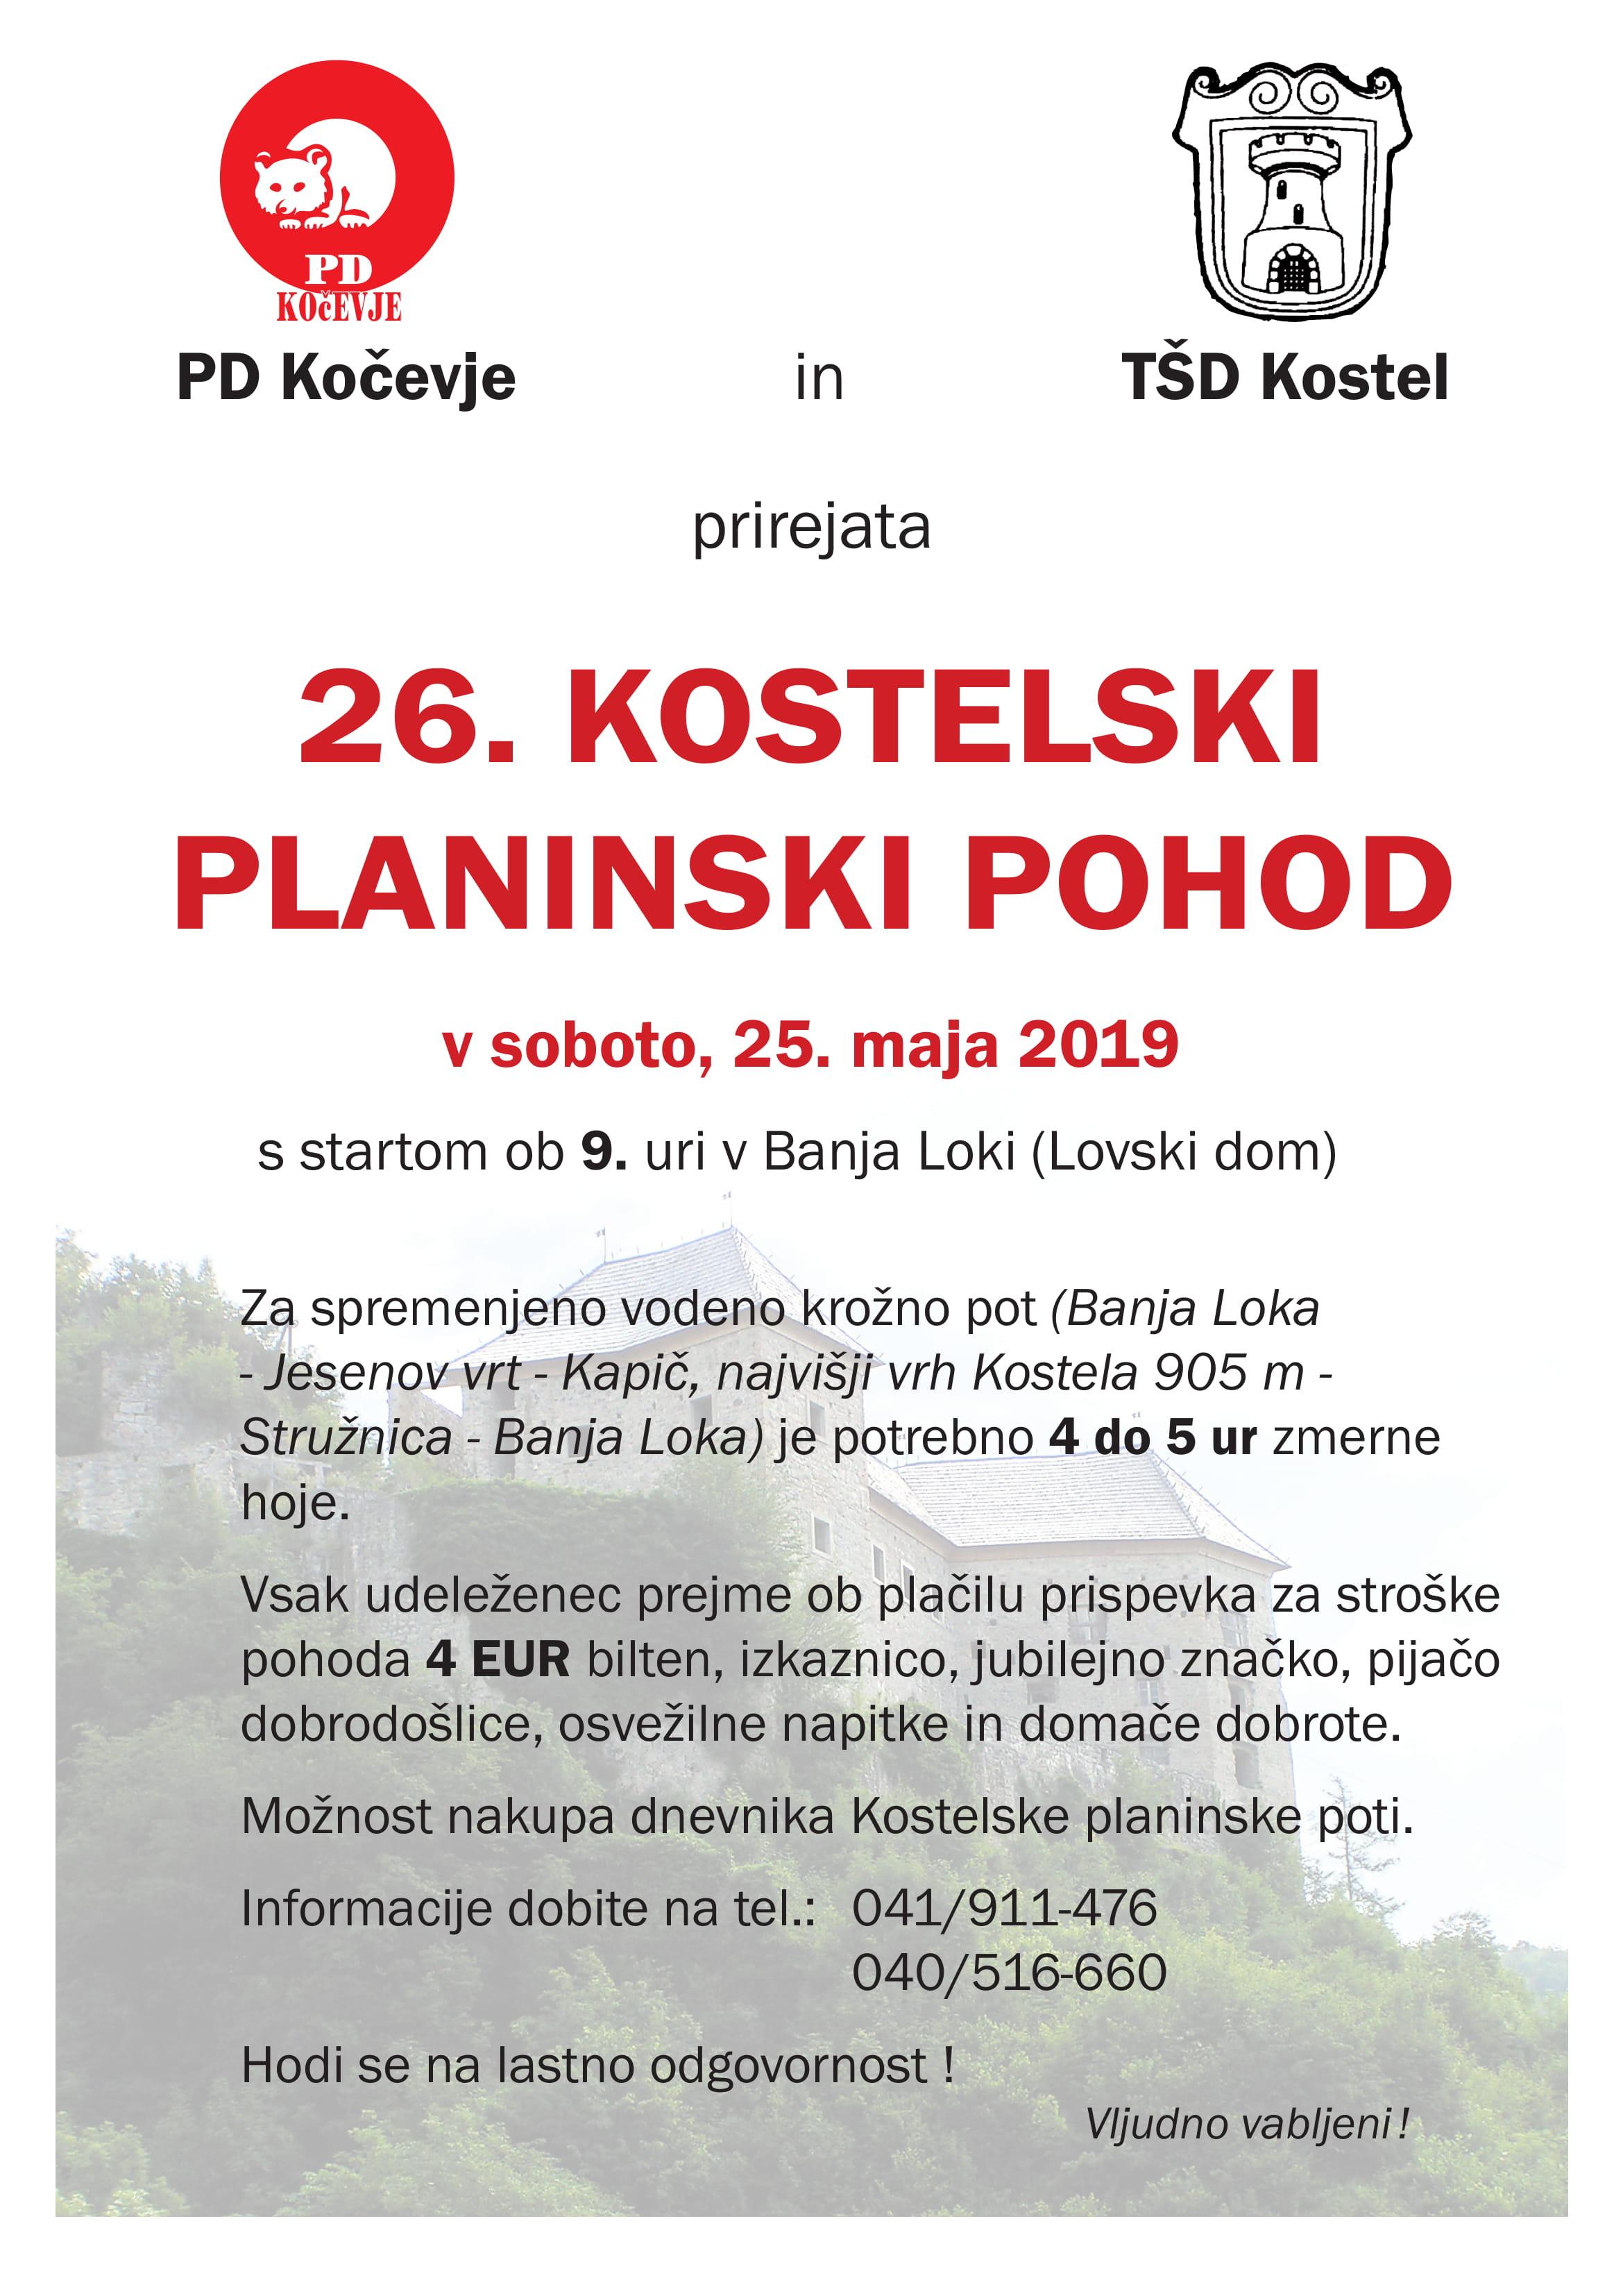 190525_XXVI_kostelski_pohod_pl__1__1